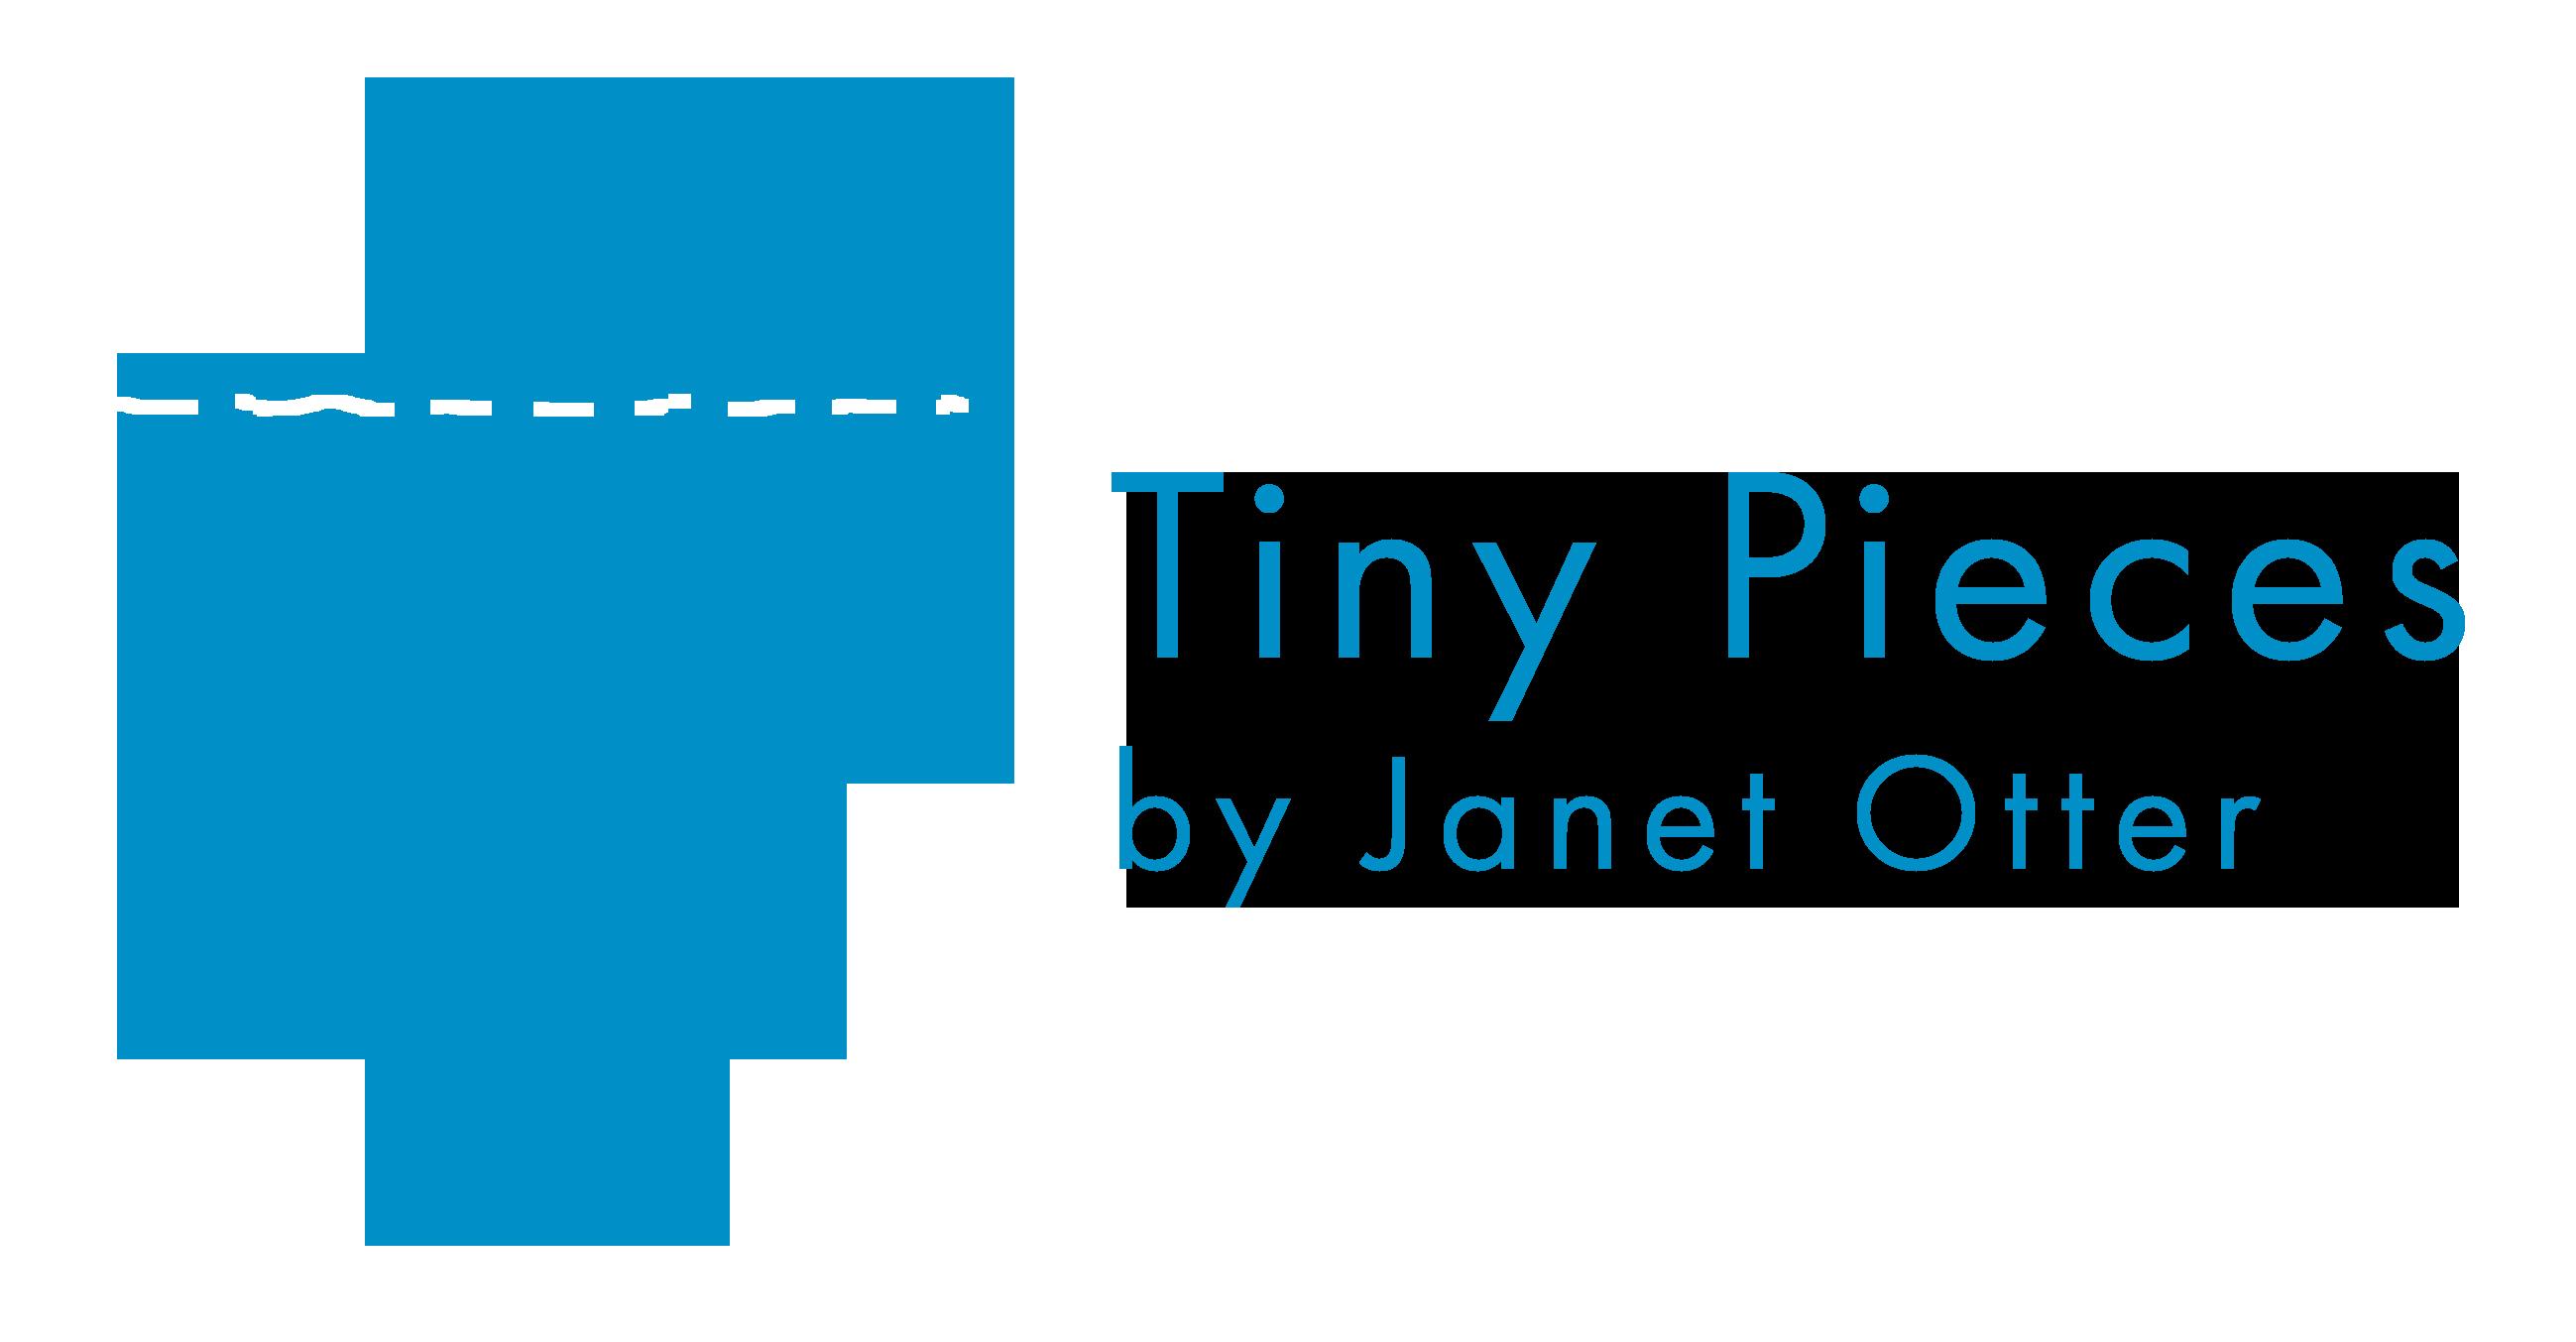 Janet Otter